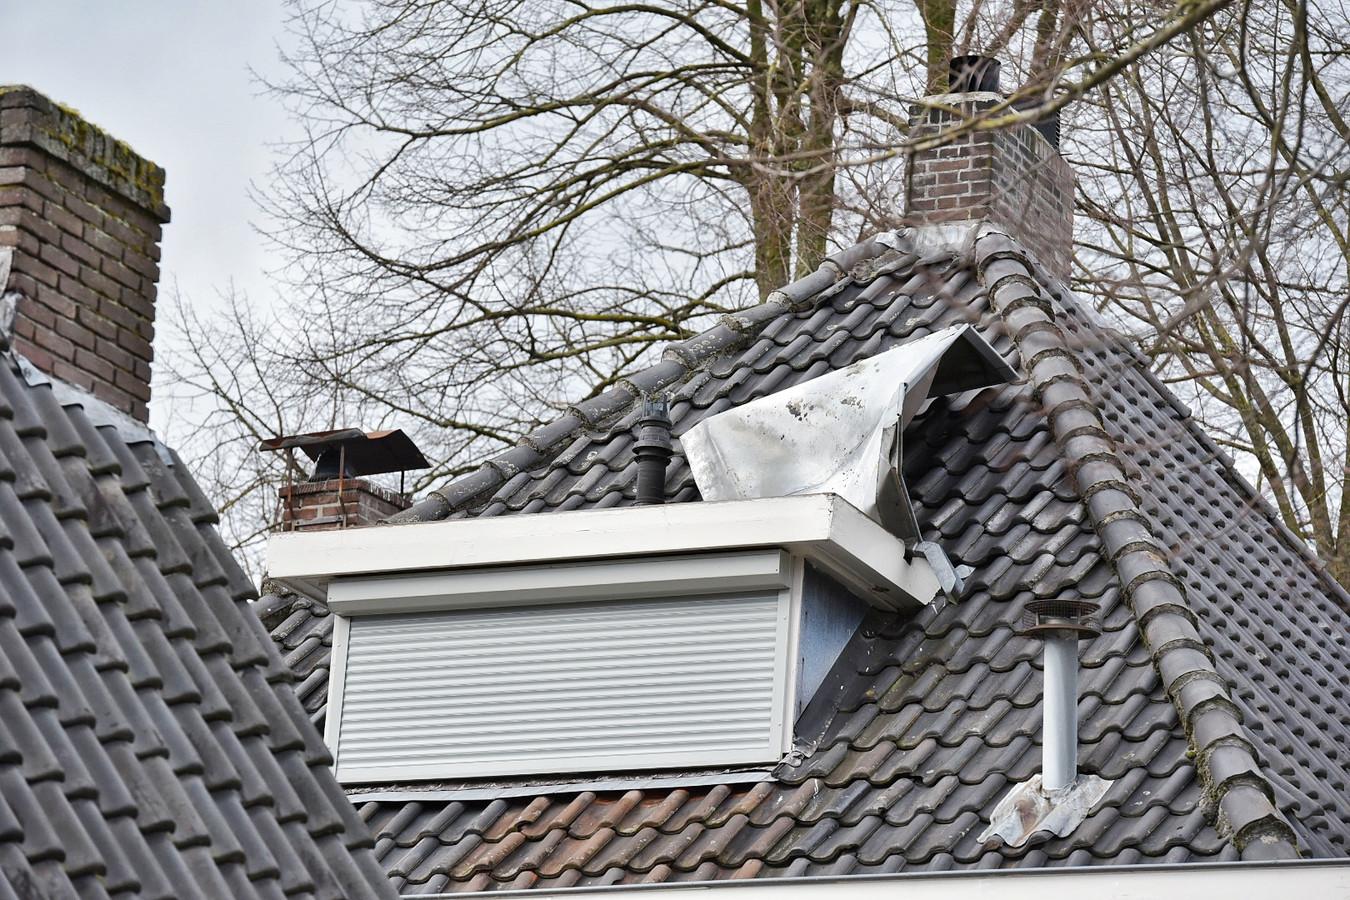 Dak waait van dakkapel af in de Kerkstraat in Oisterwijk.